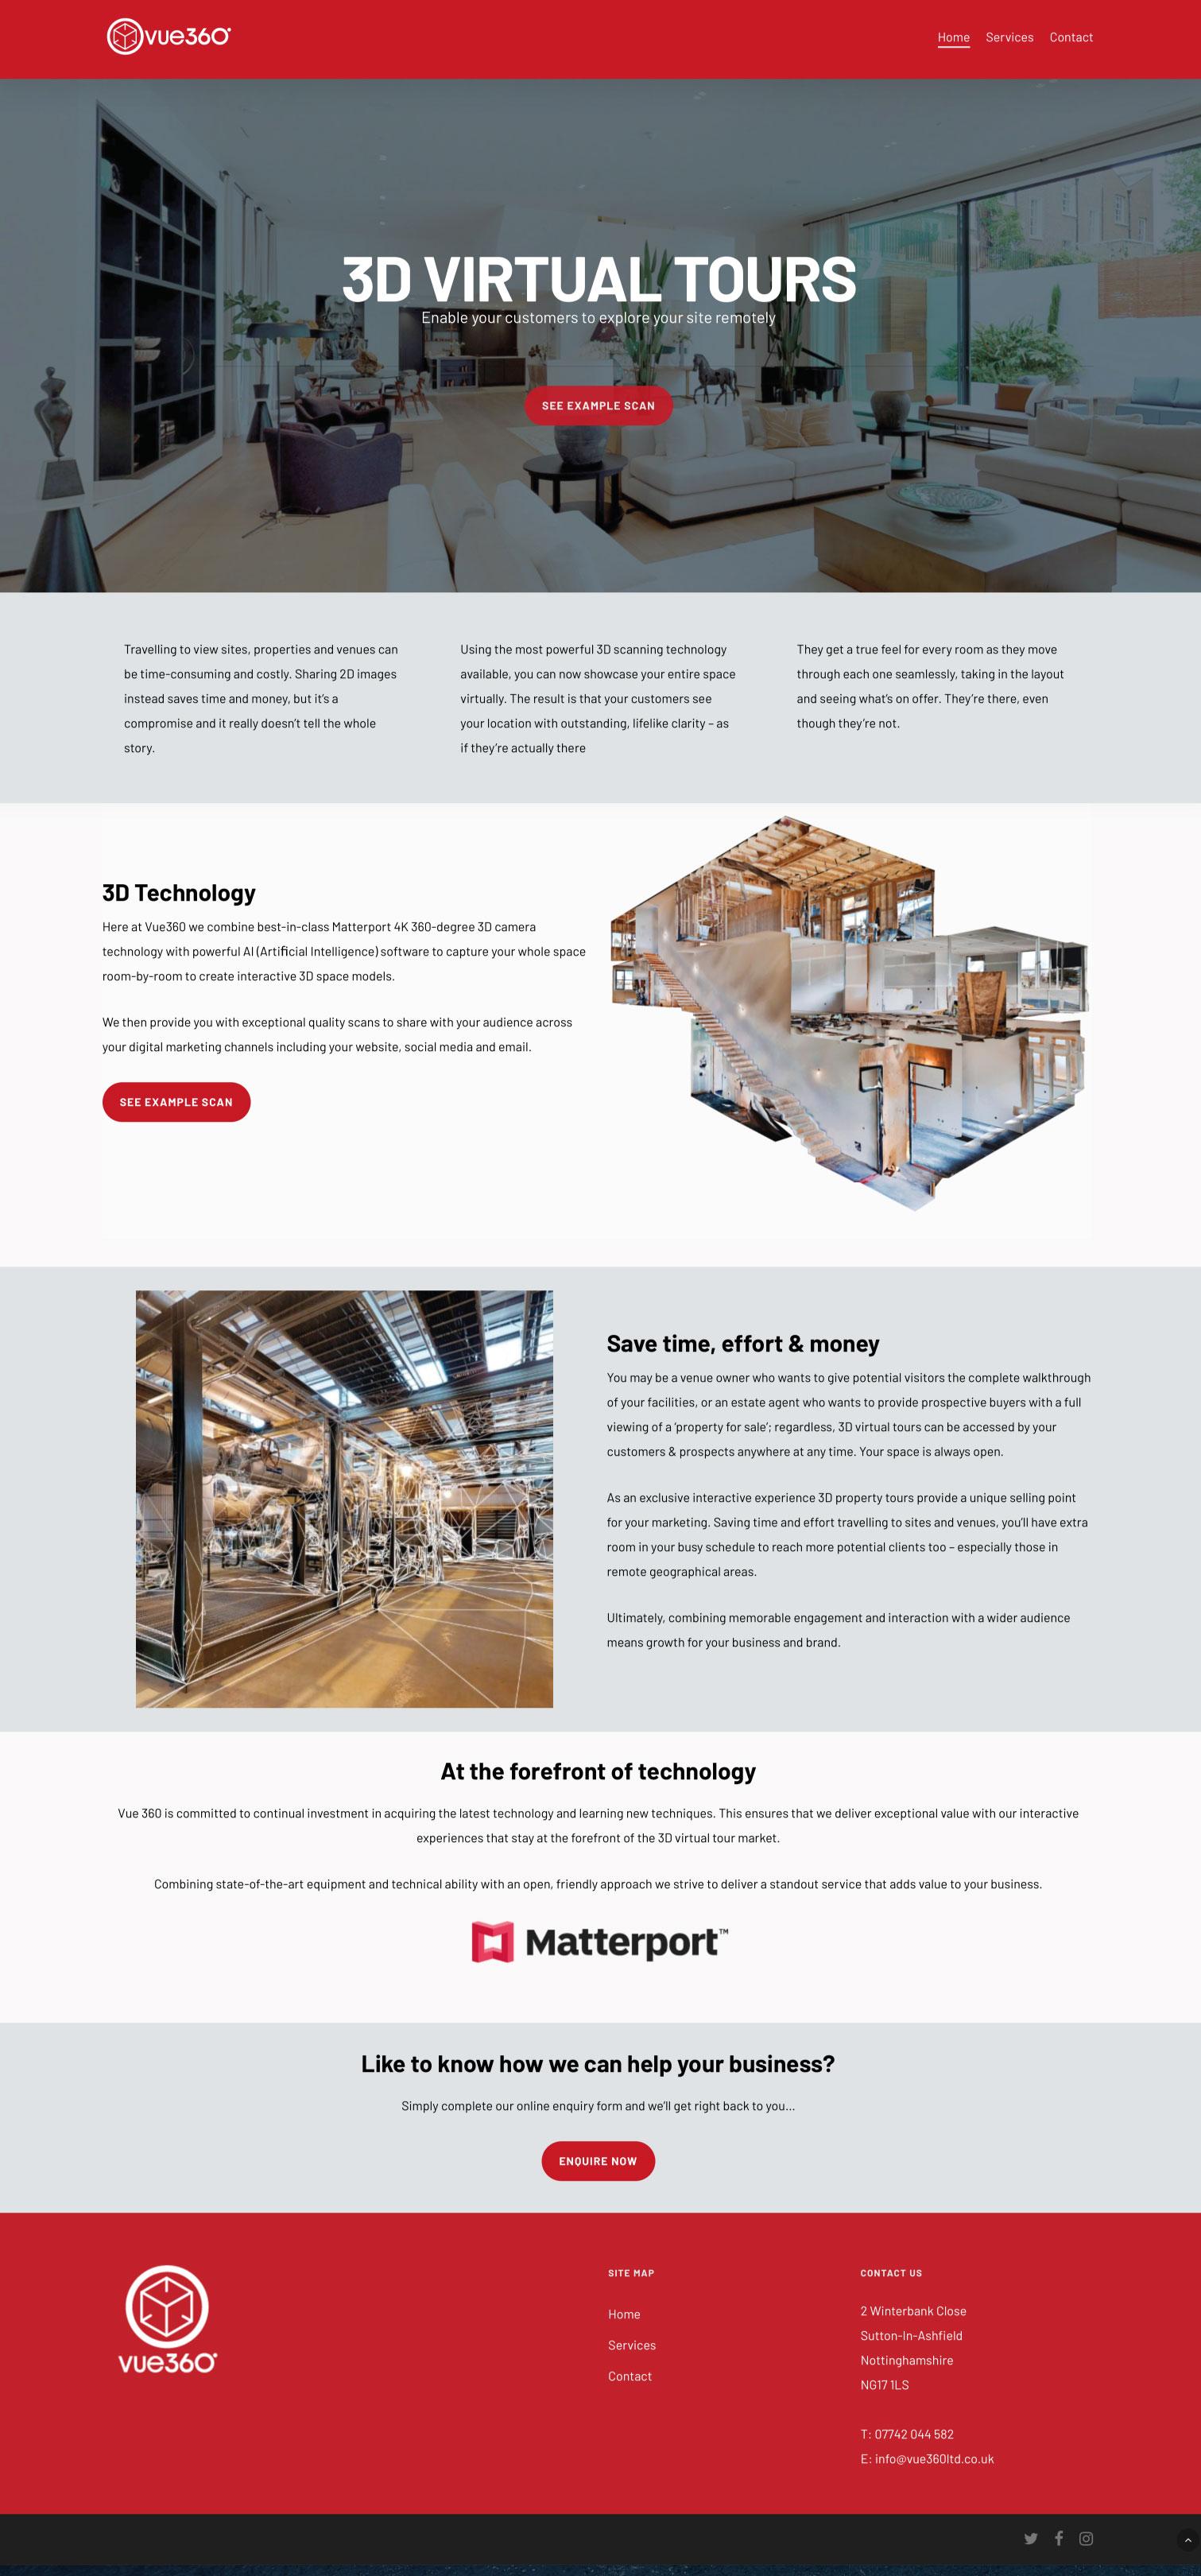 Vue360 Website Home